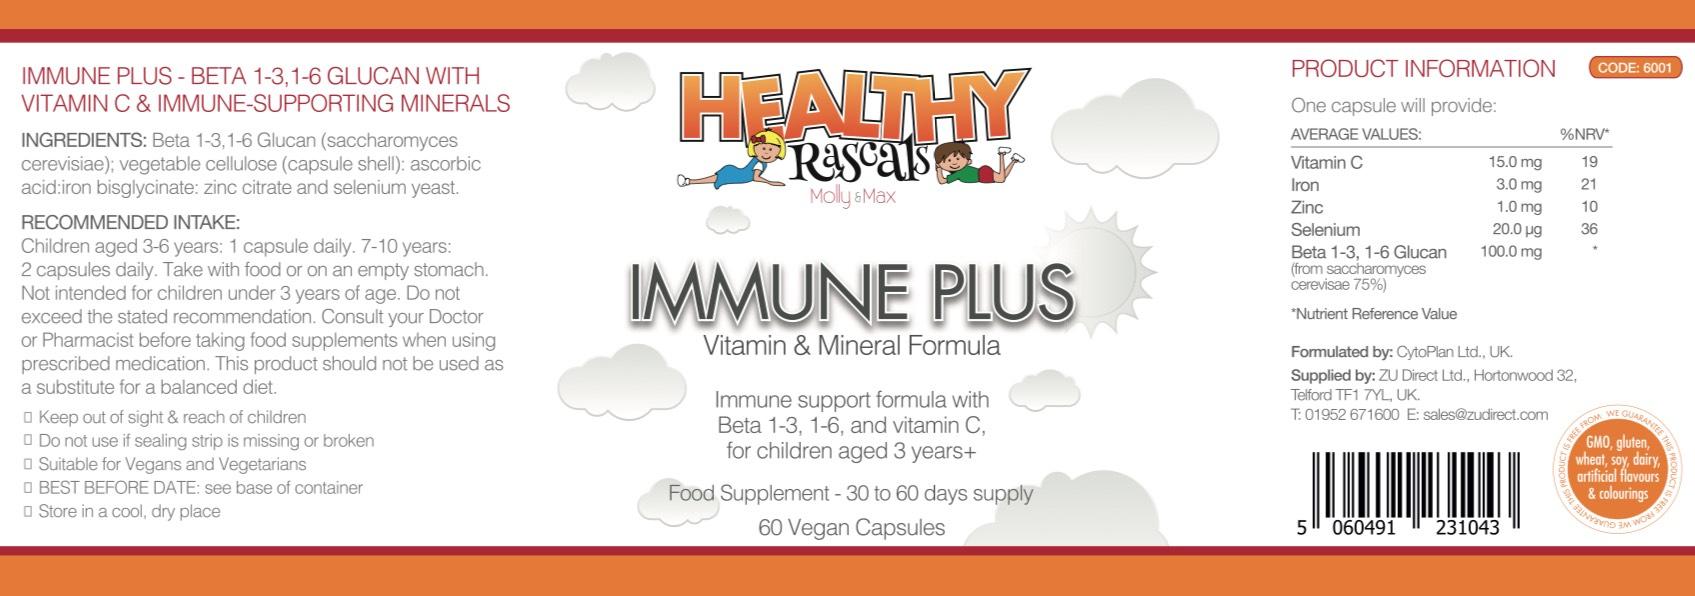 Healthy Rascals - Immune Plus - Label